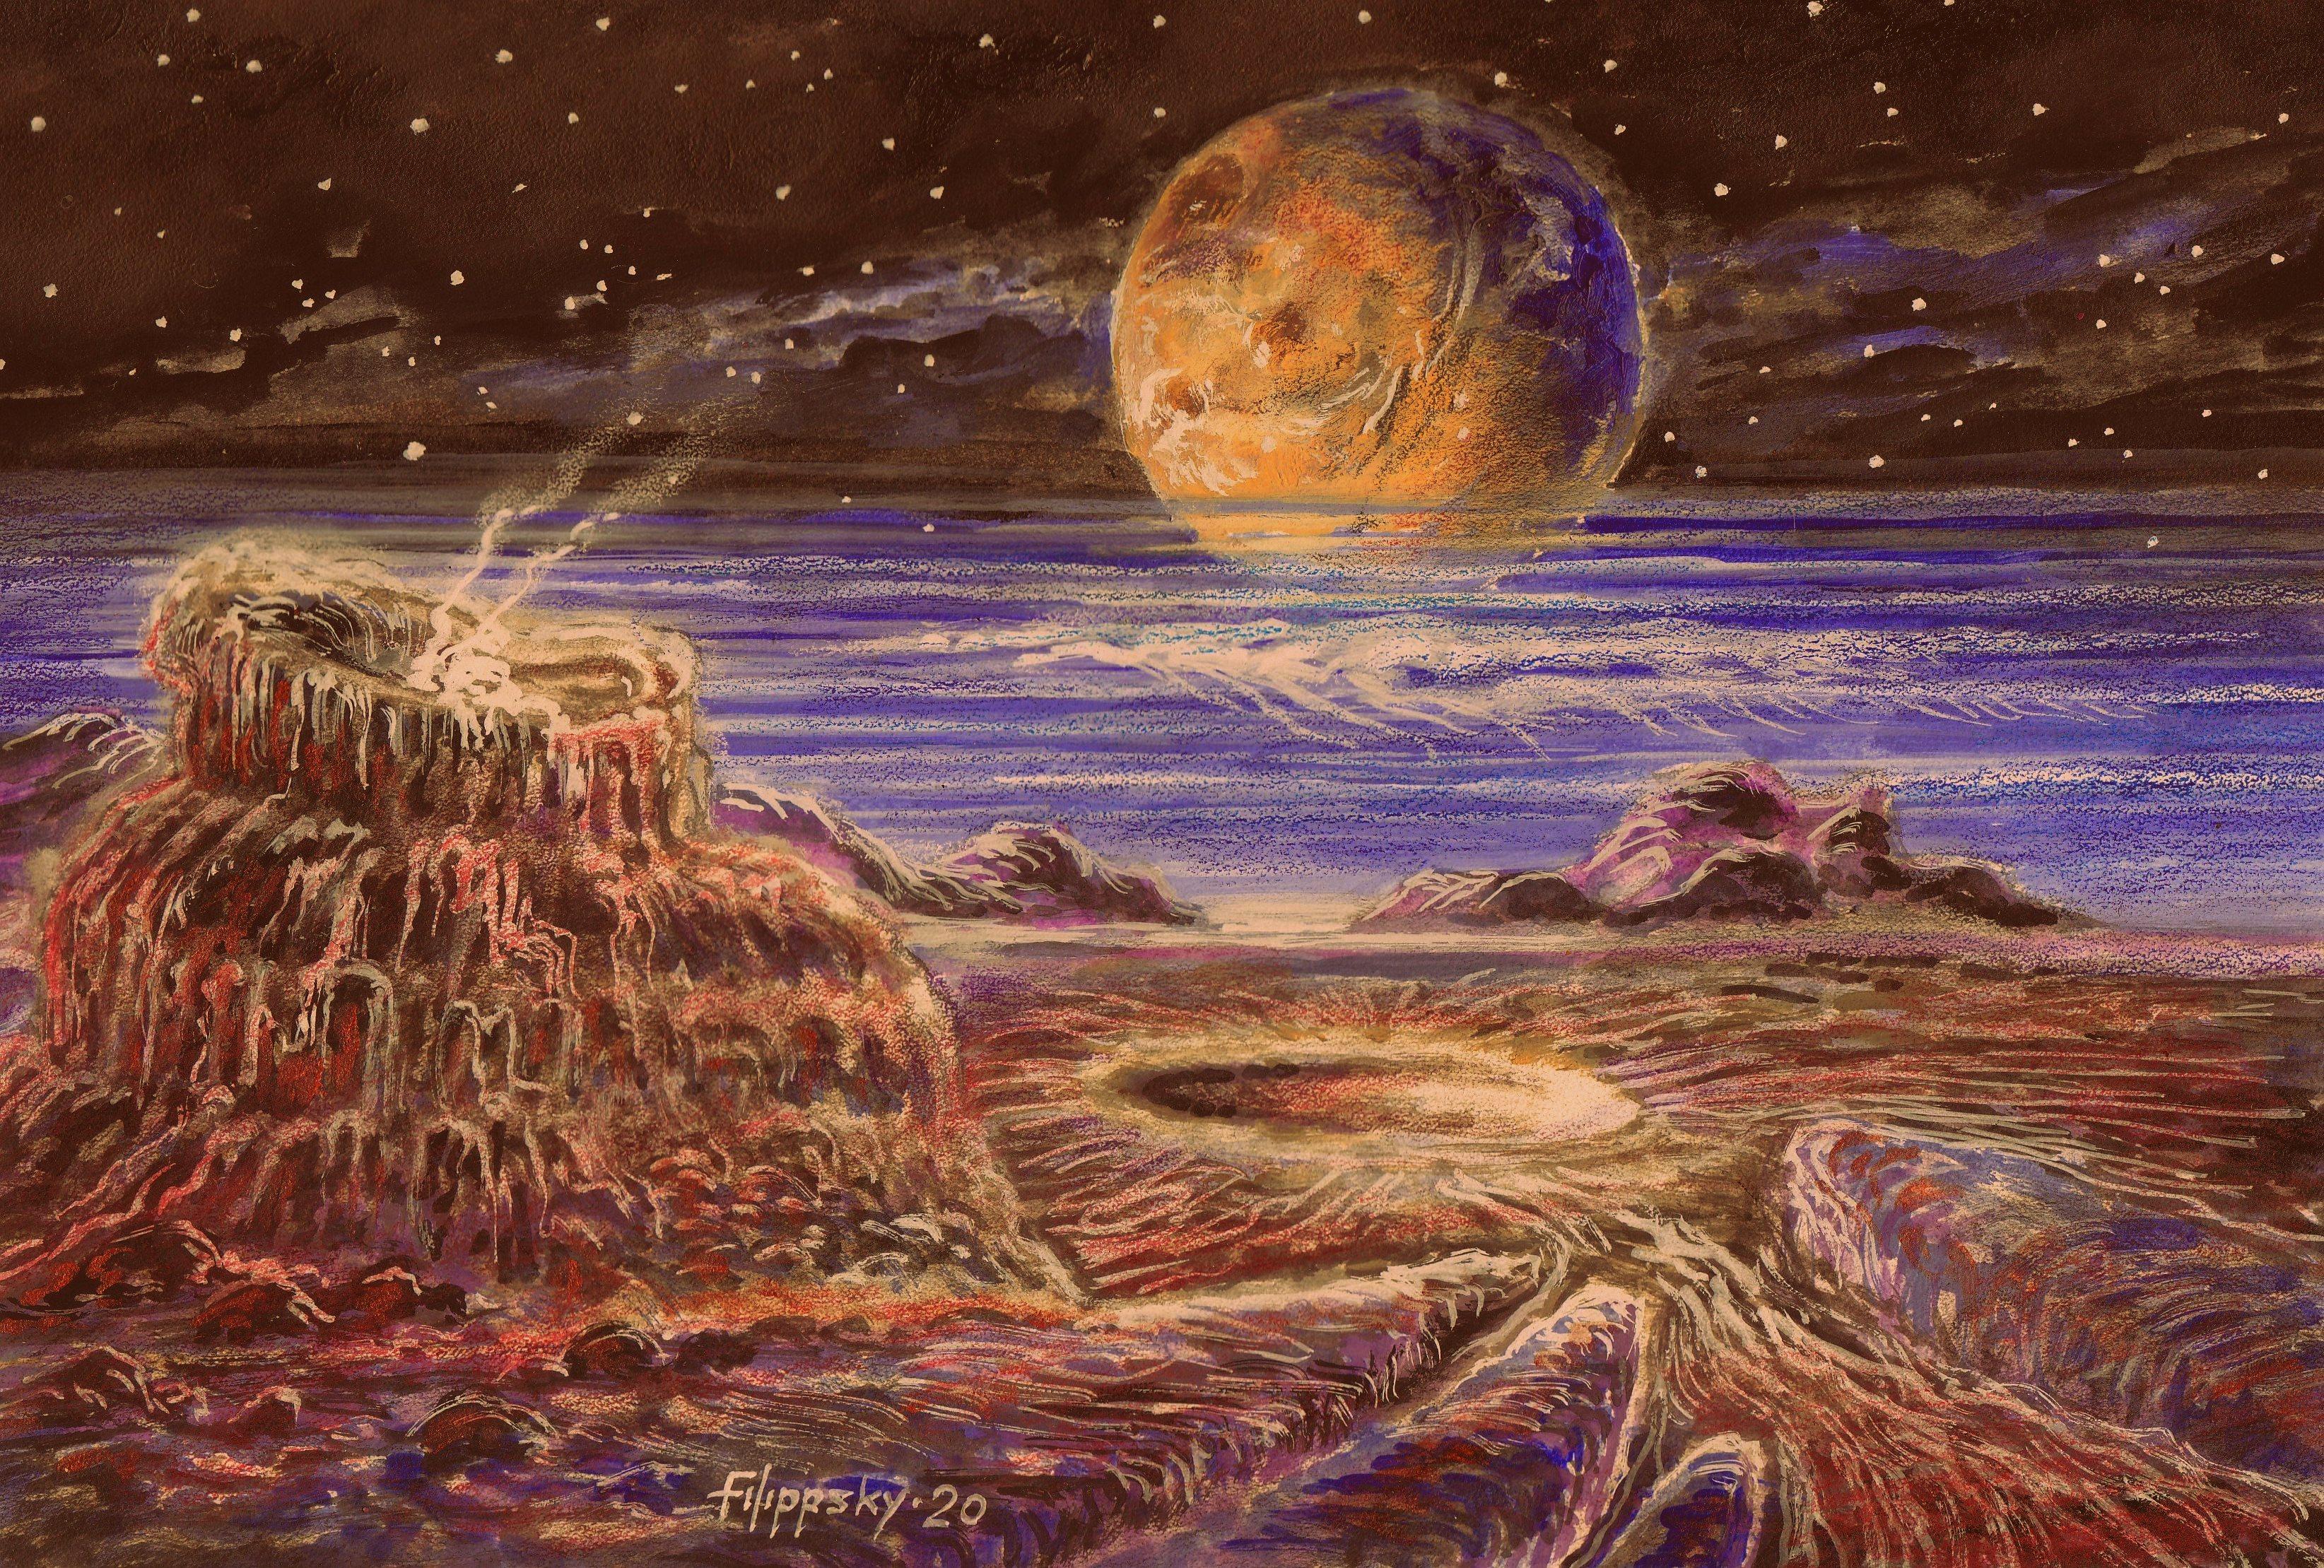 Пейзаж Плутона с Хароном в небе. - Victor Filippsky